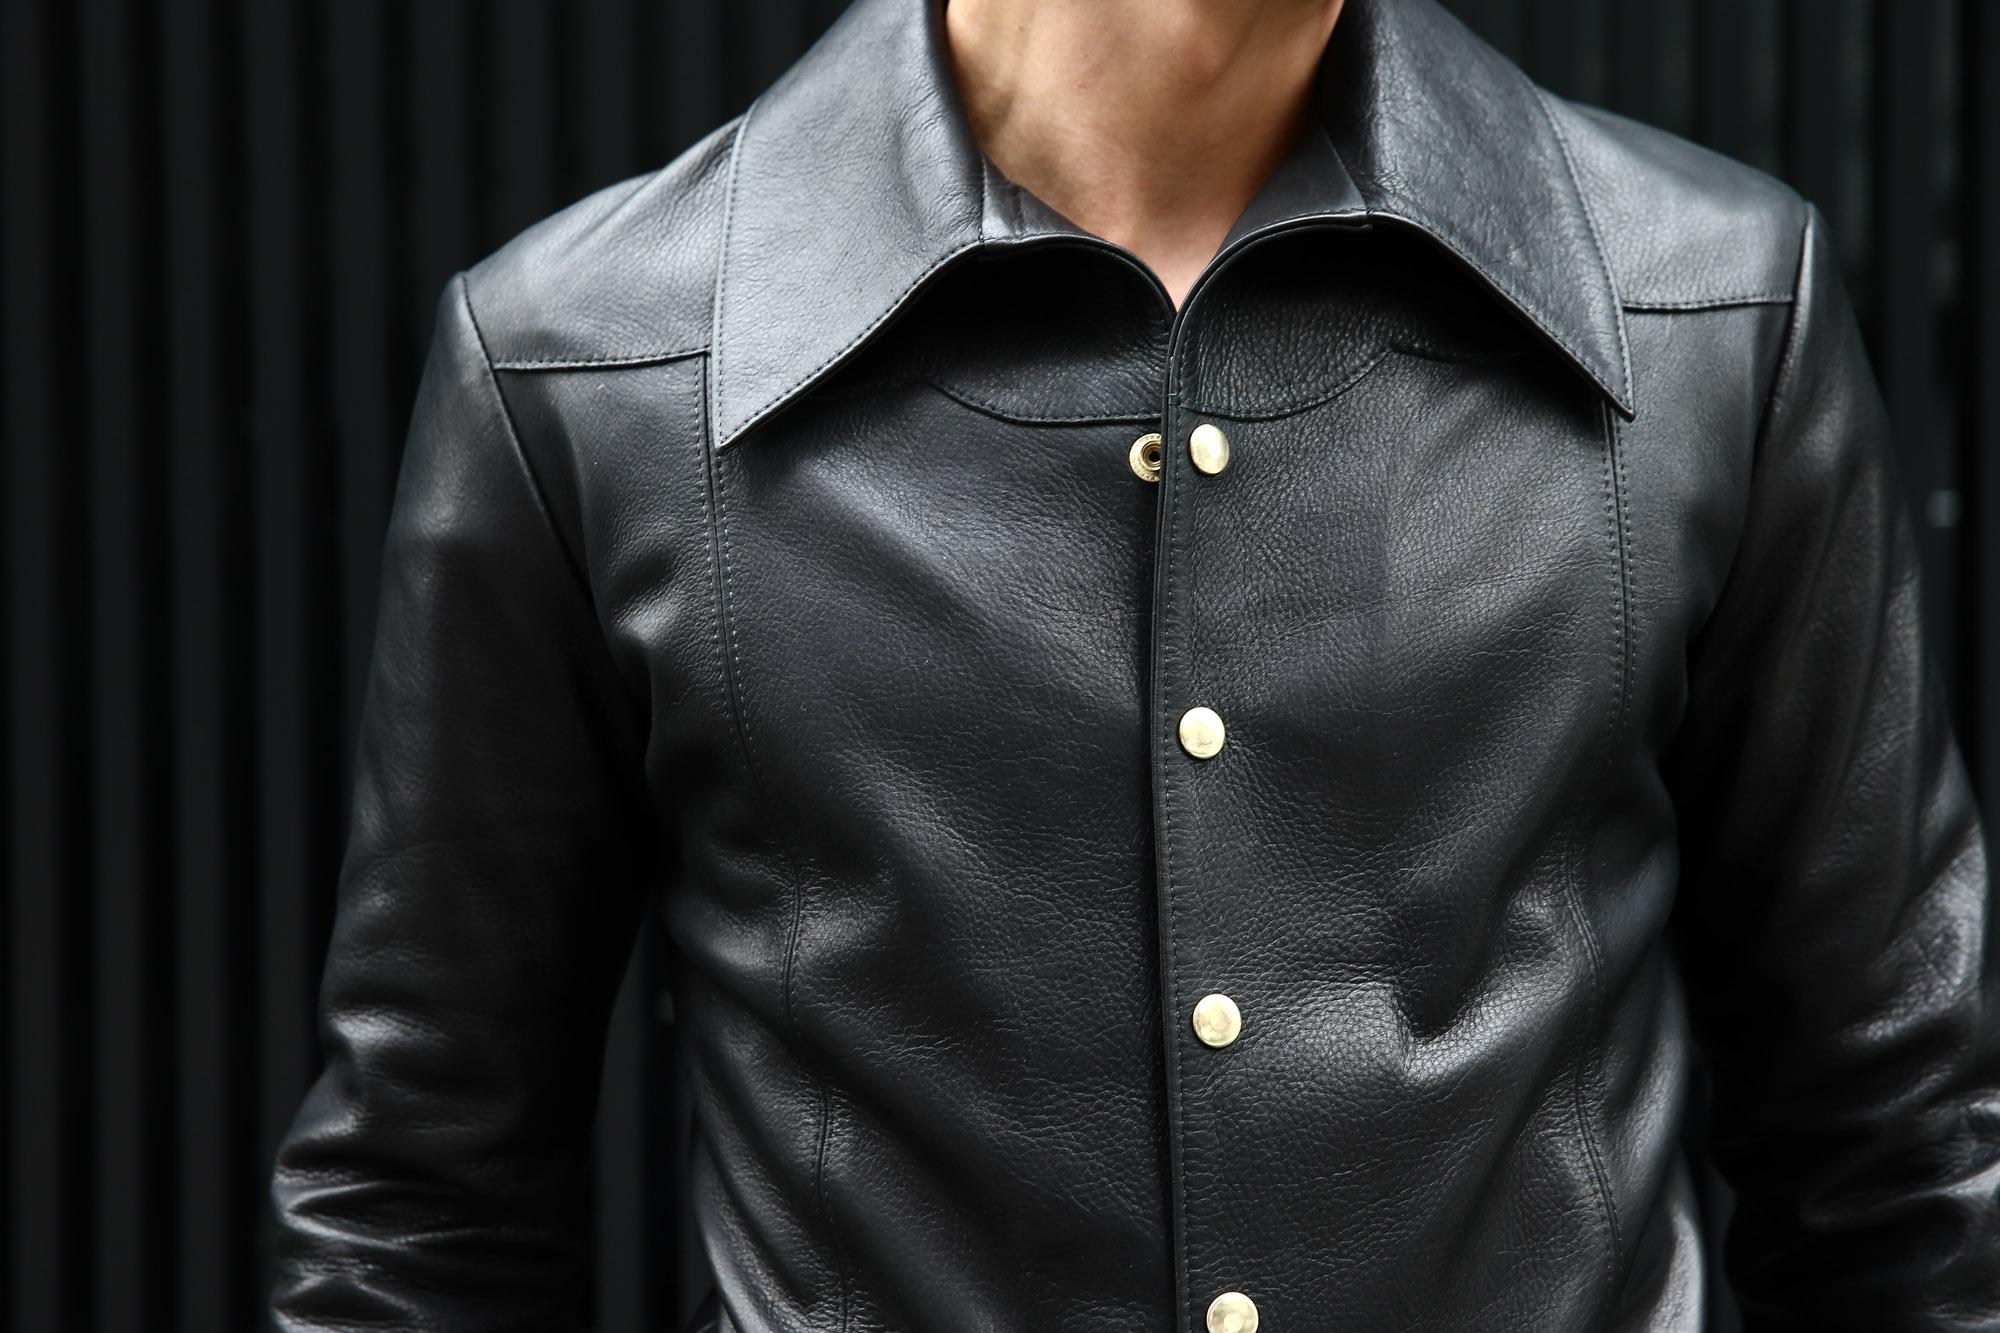 South Paradiso Leather(サウスパラディソレザー) East West(イーストウエスト) ILLUMINATI RAINBOW SHIRTS(イルミナティレインボーシャツ) レザーシャツ BLACK(ブラック) バックスタイル画像。 襟アップ画像。